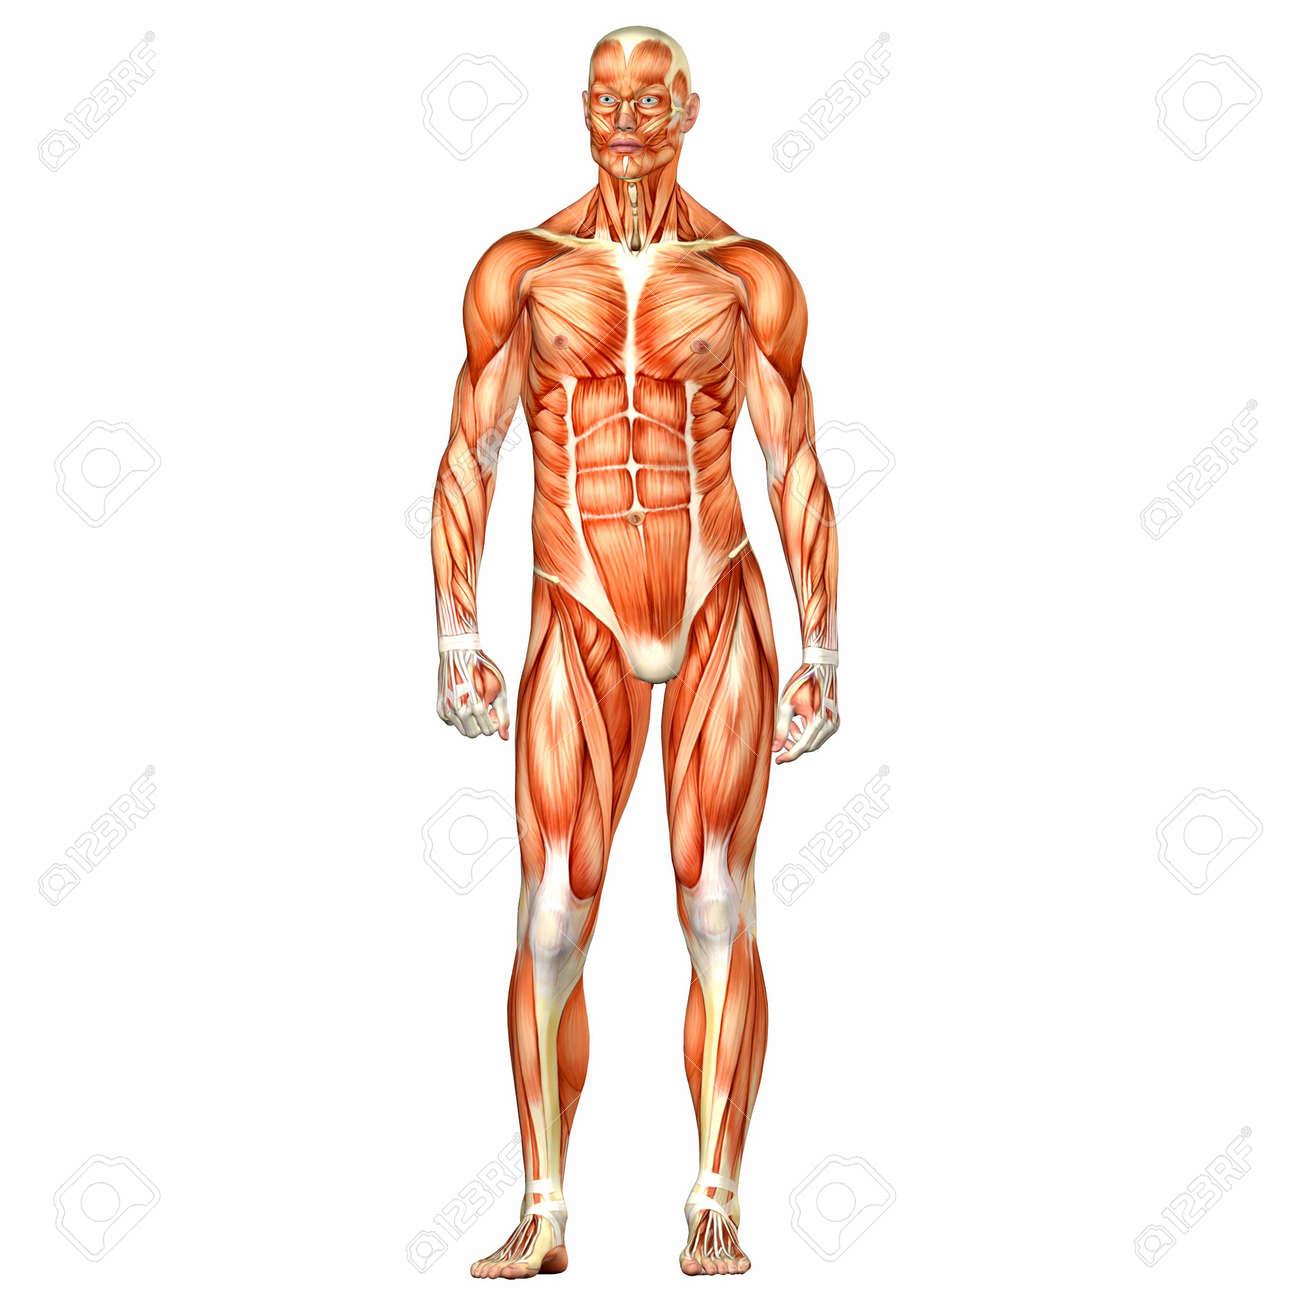 Ilustración De La Anatomía Del Cuerpo Humano Masculino Aislado En Un ...